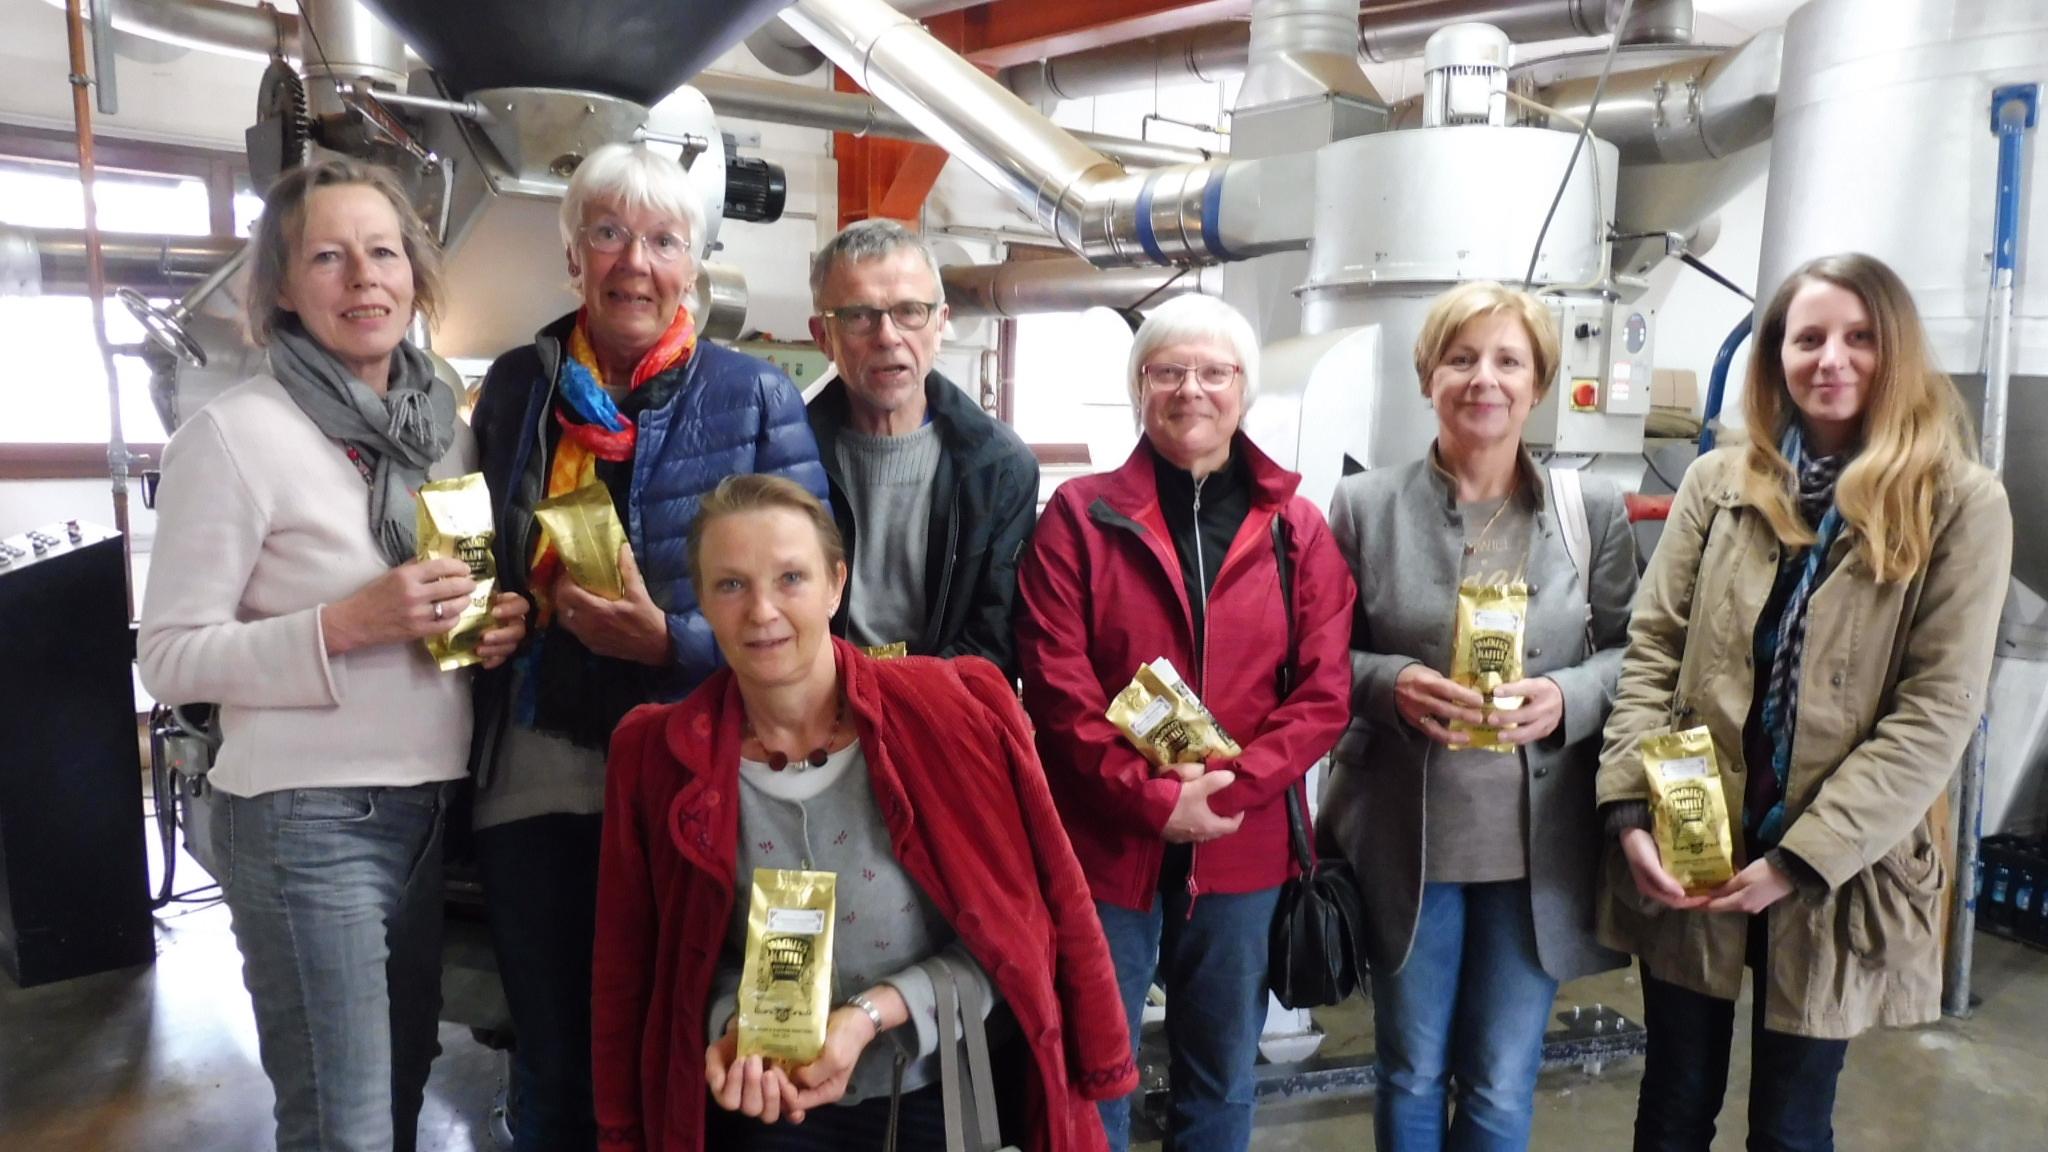 und bei einer Rösterereiführung von Kaffee Wackers in Frankfurt, wo der Bad Nauheimer Stadtkaffee geröstet wird